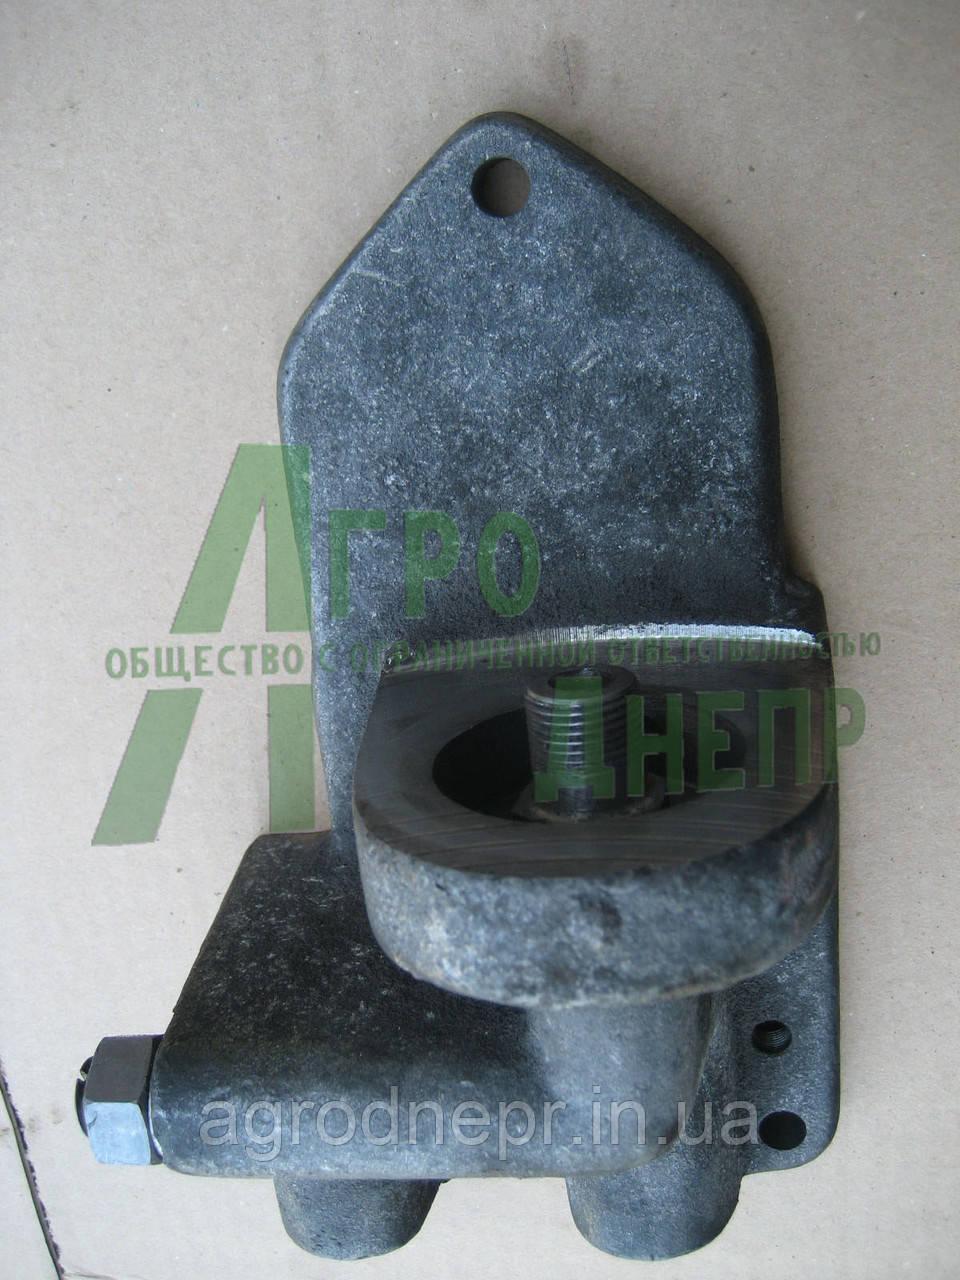 Корпус фильтра масляного М-019 на двигатель Д-65 трактор ЮМЗ